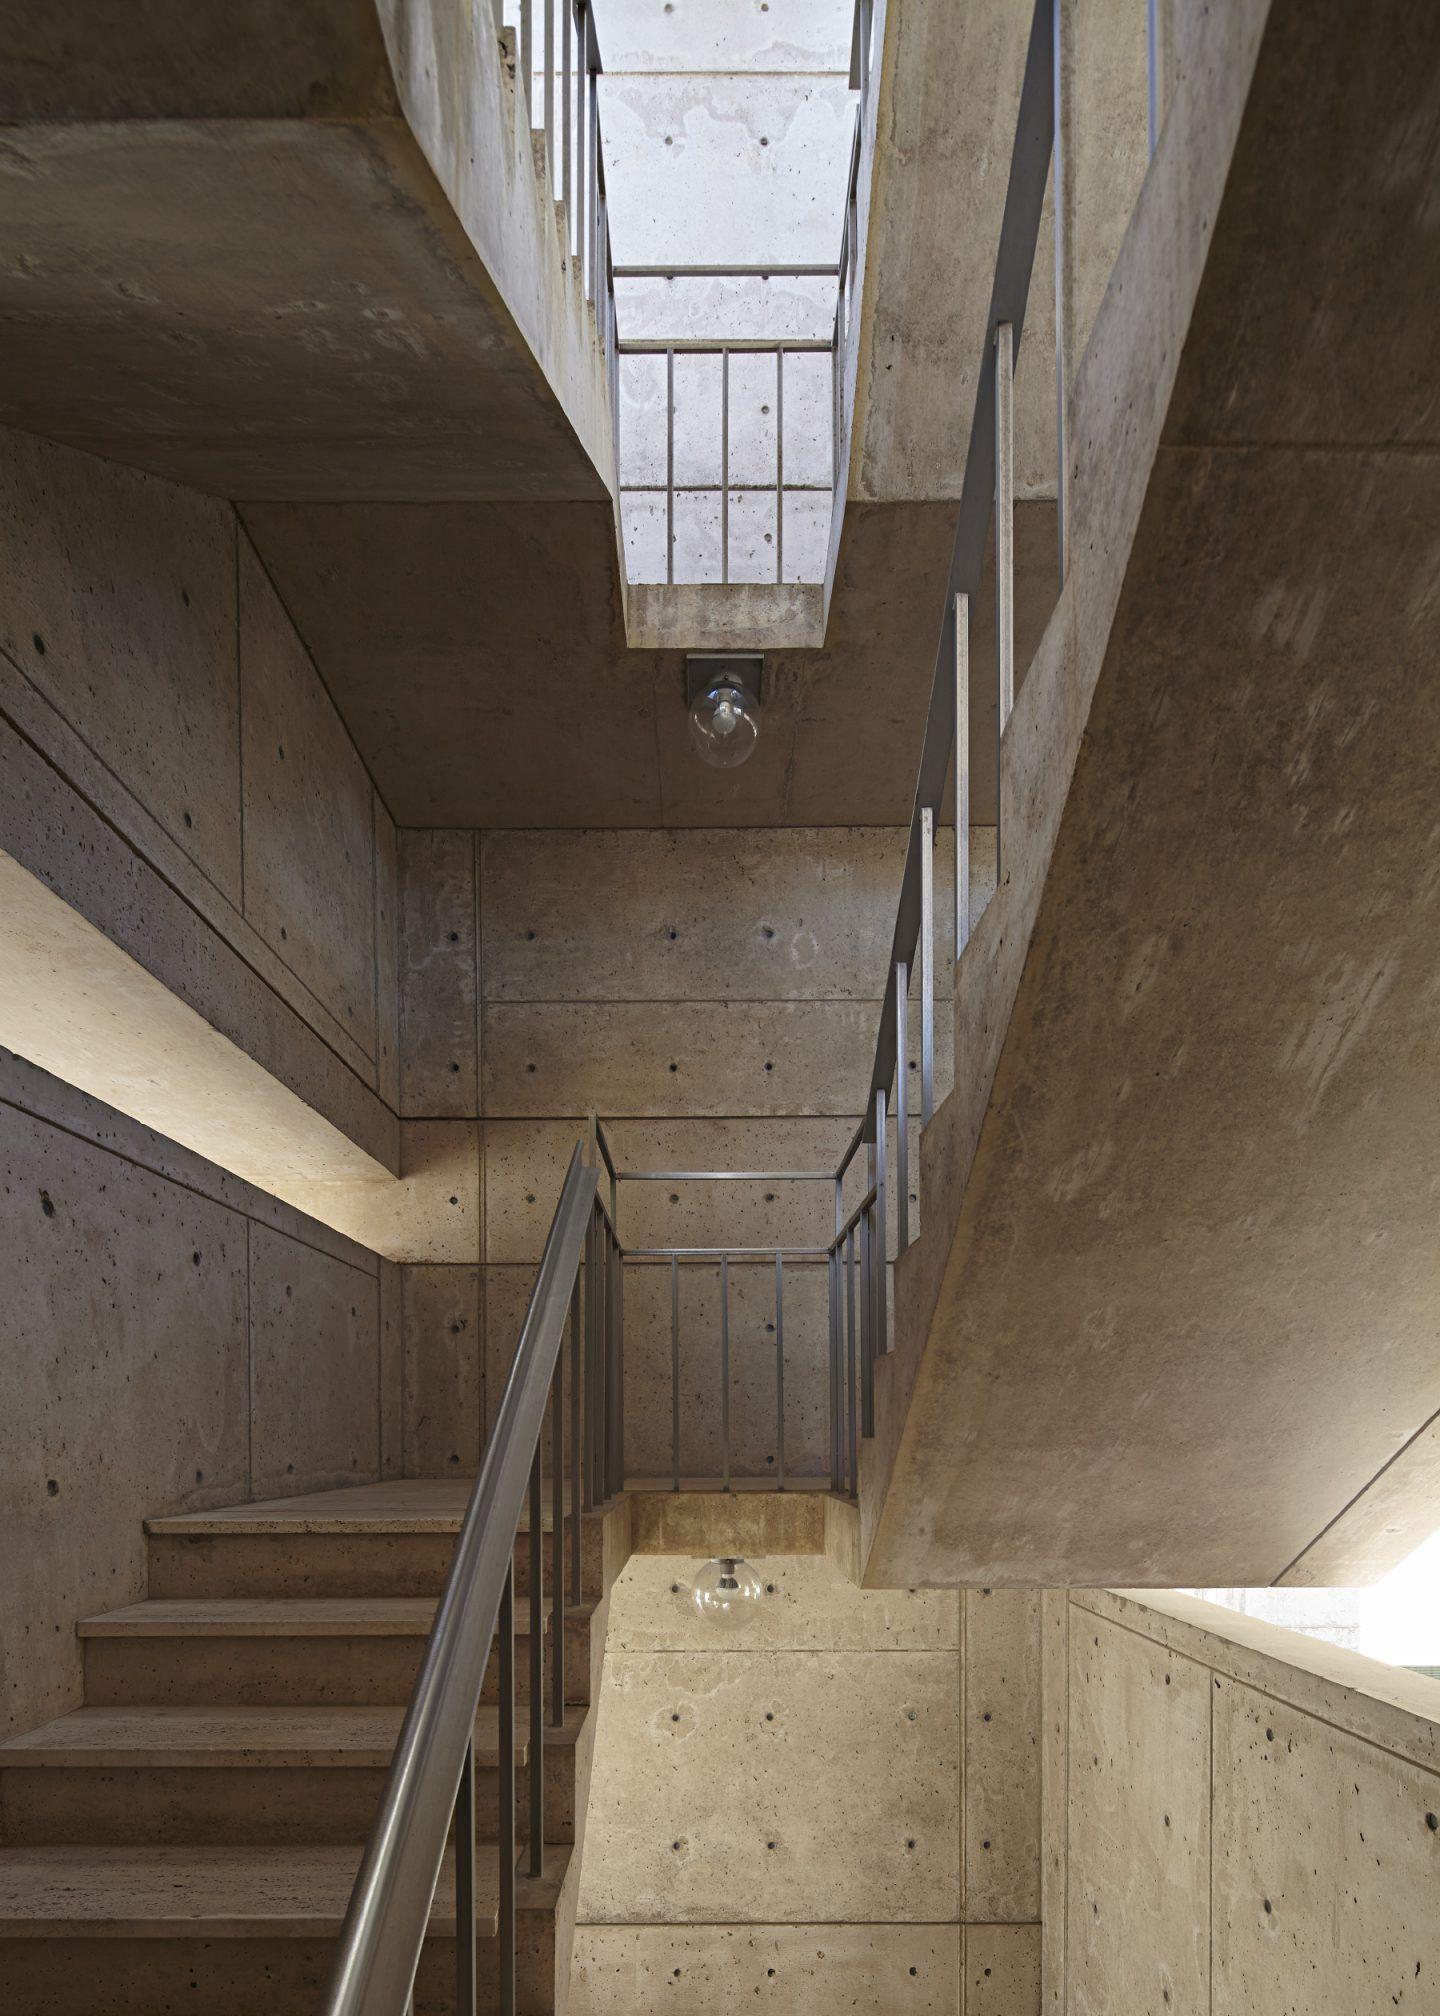 IGNANT-Architecture-Salk-Institute-Nils-Koenning-15